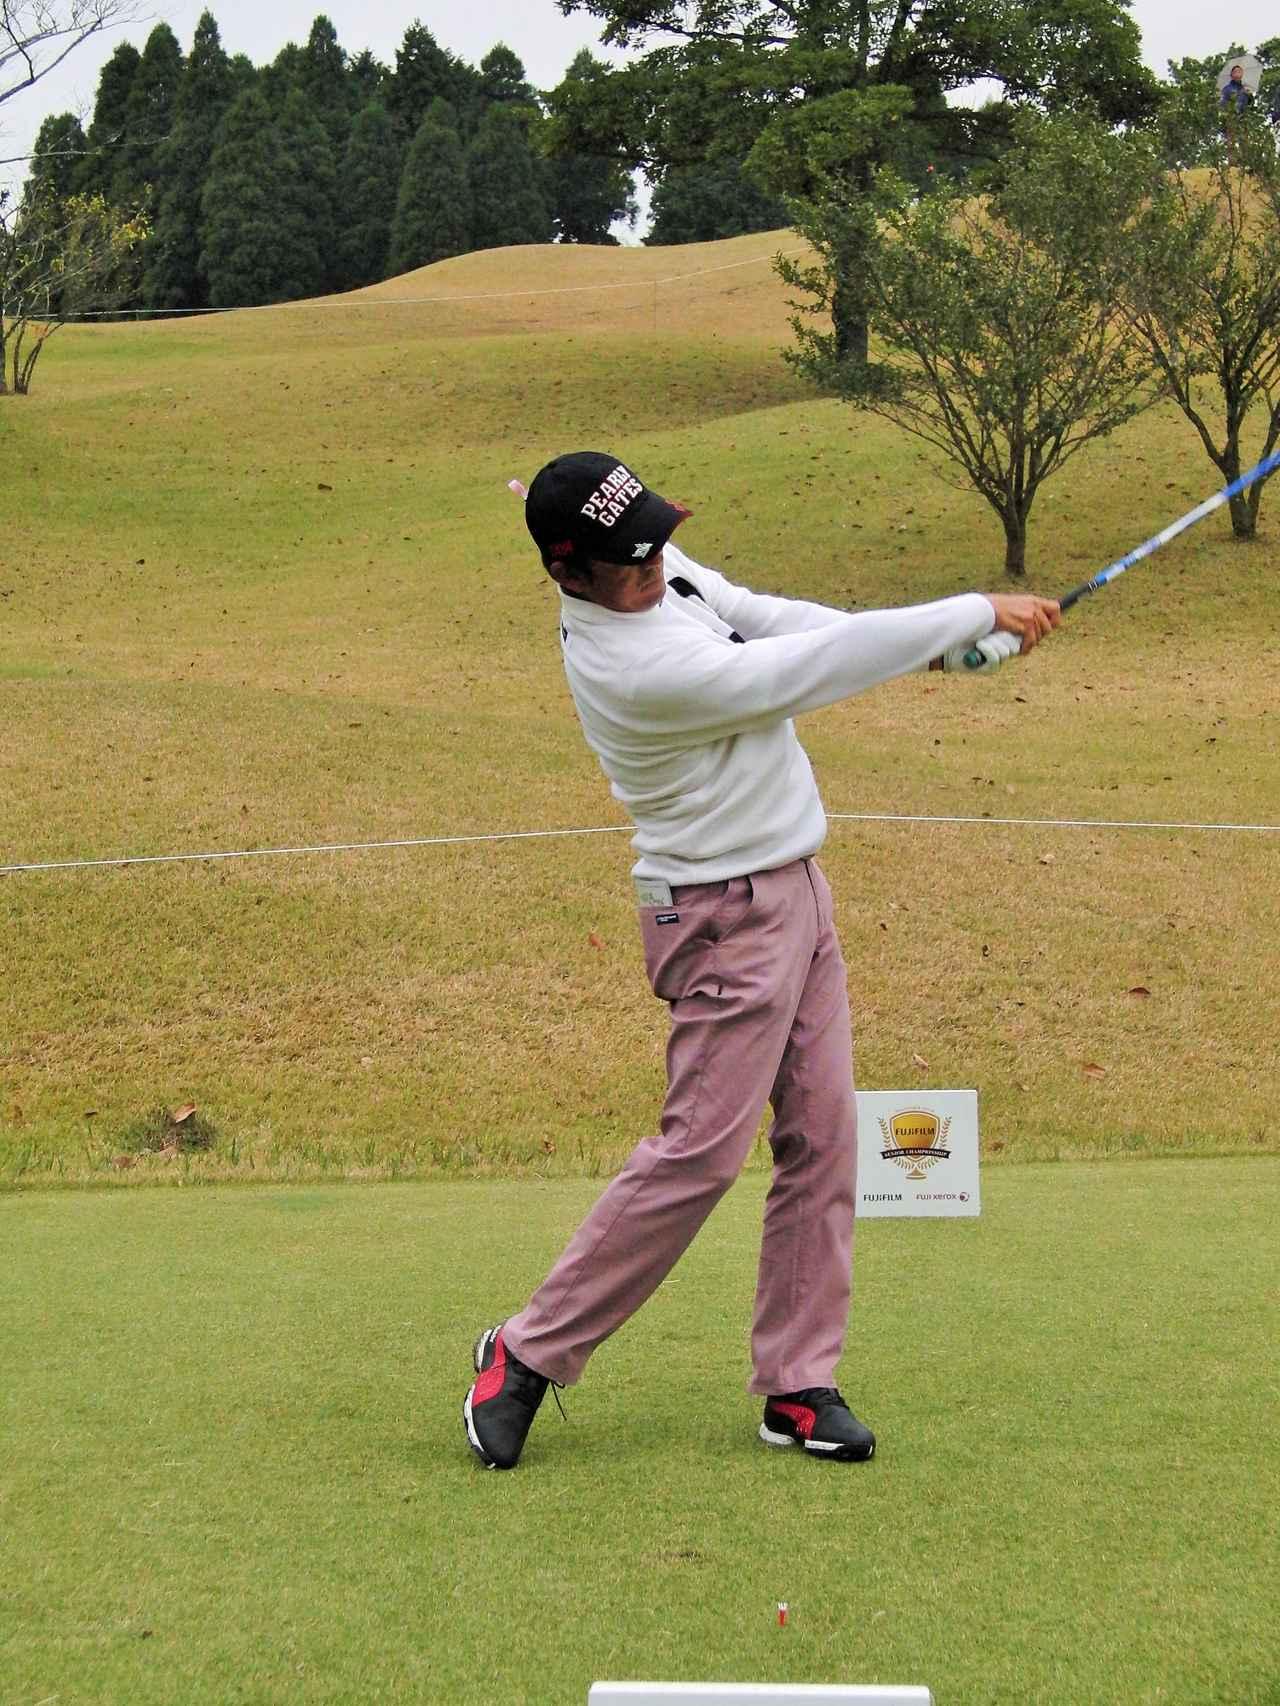 画像5: 本日誕生日! 師匠で選手。ふたつの顔を持つゴルファー・芹澤信雄【11月10日生まれ】